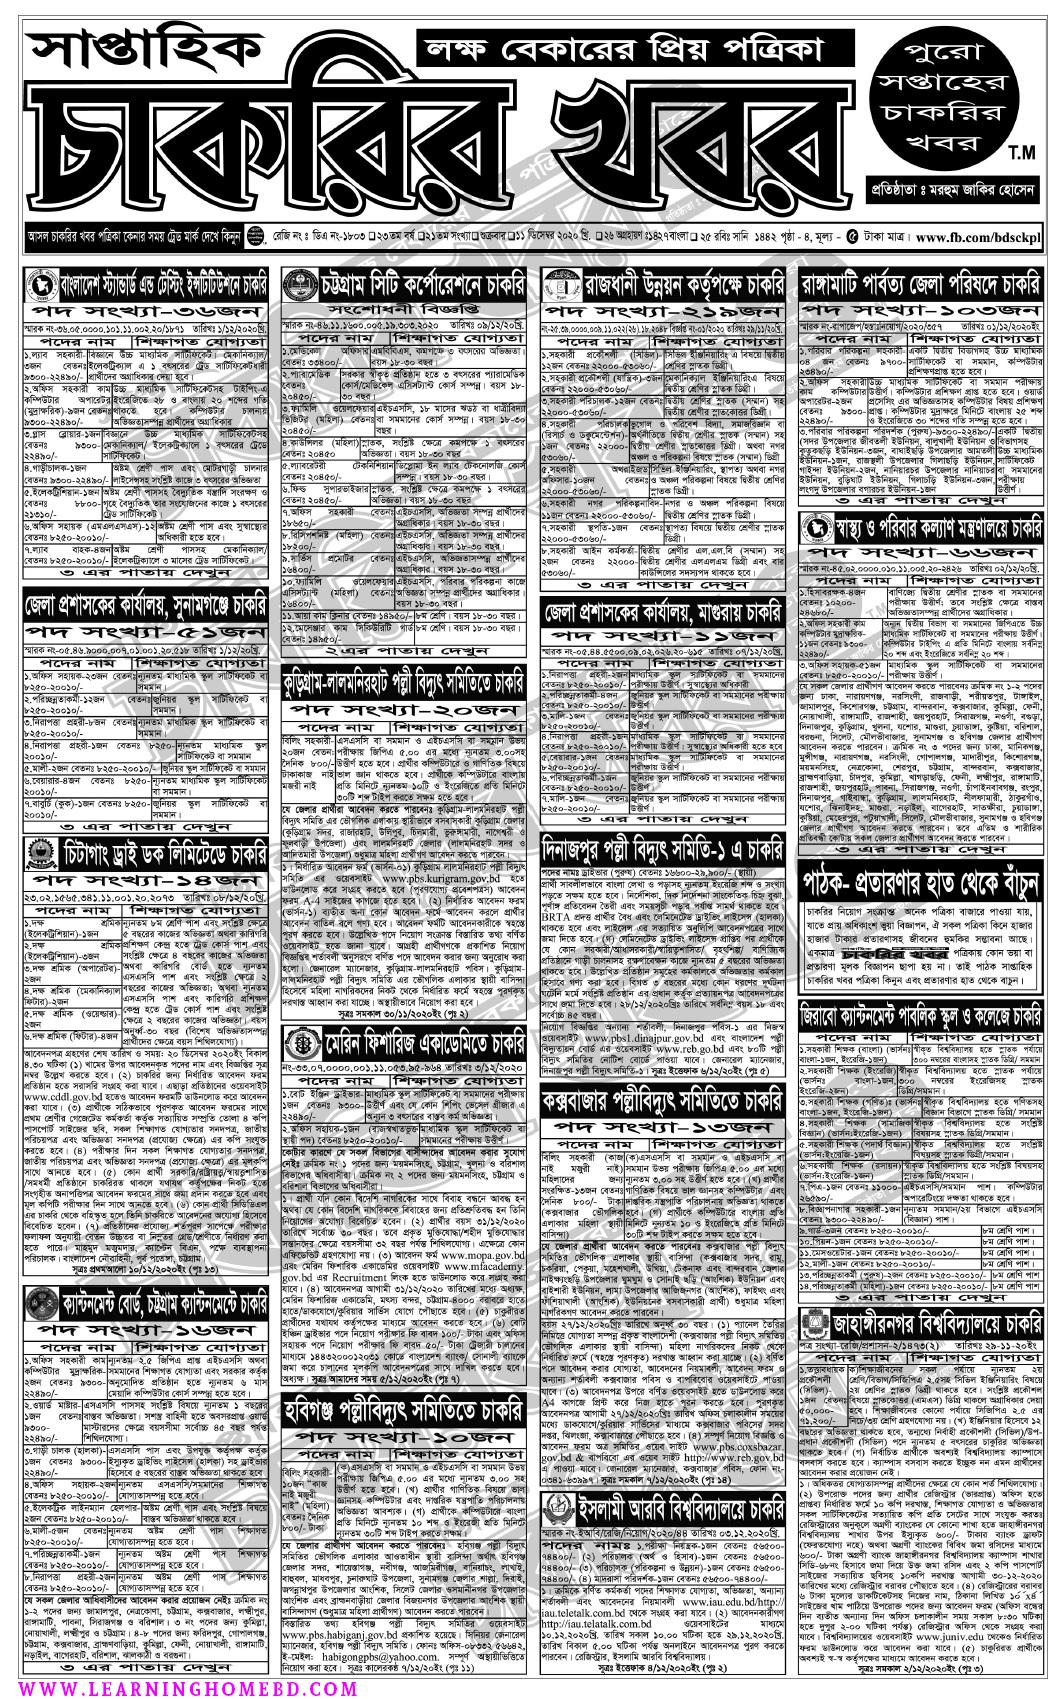 weekly-JOB-Newspaper-Dec-20-1